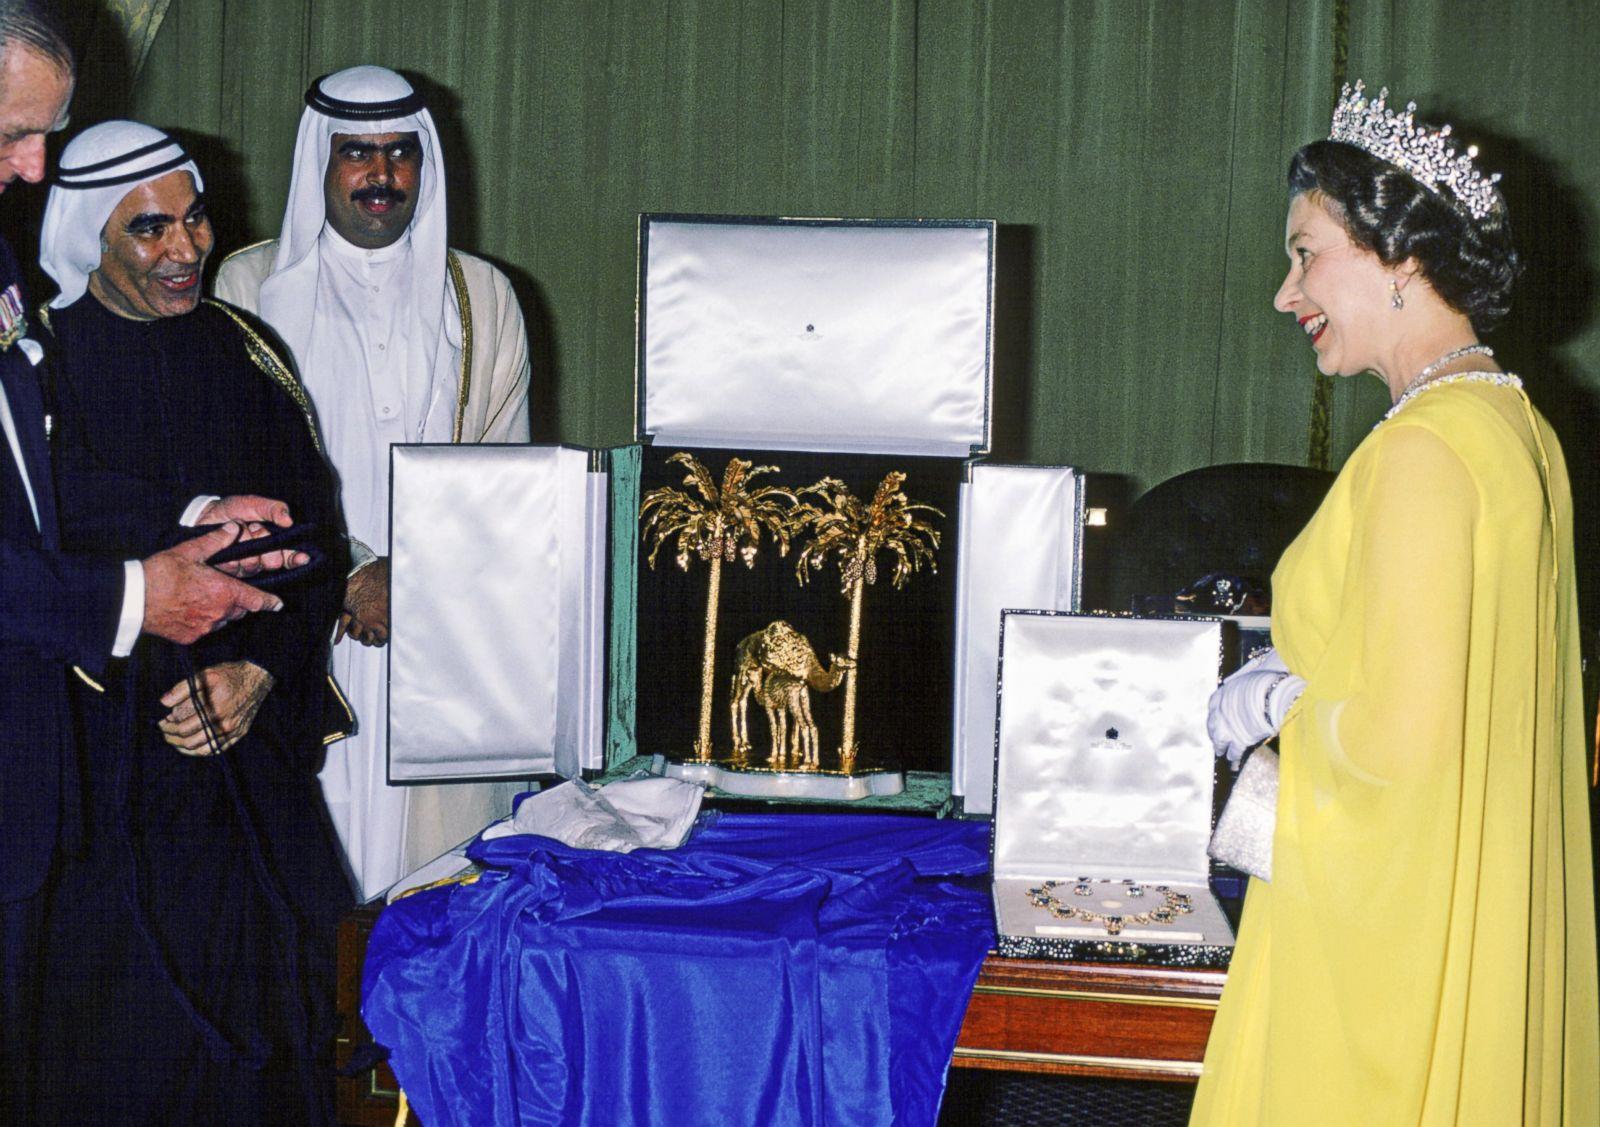 Kraliçenin hediyeleri kabul etmesi